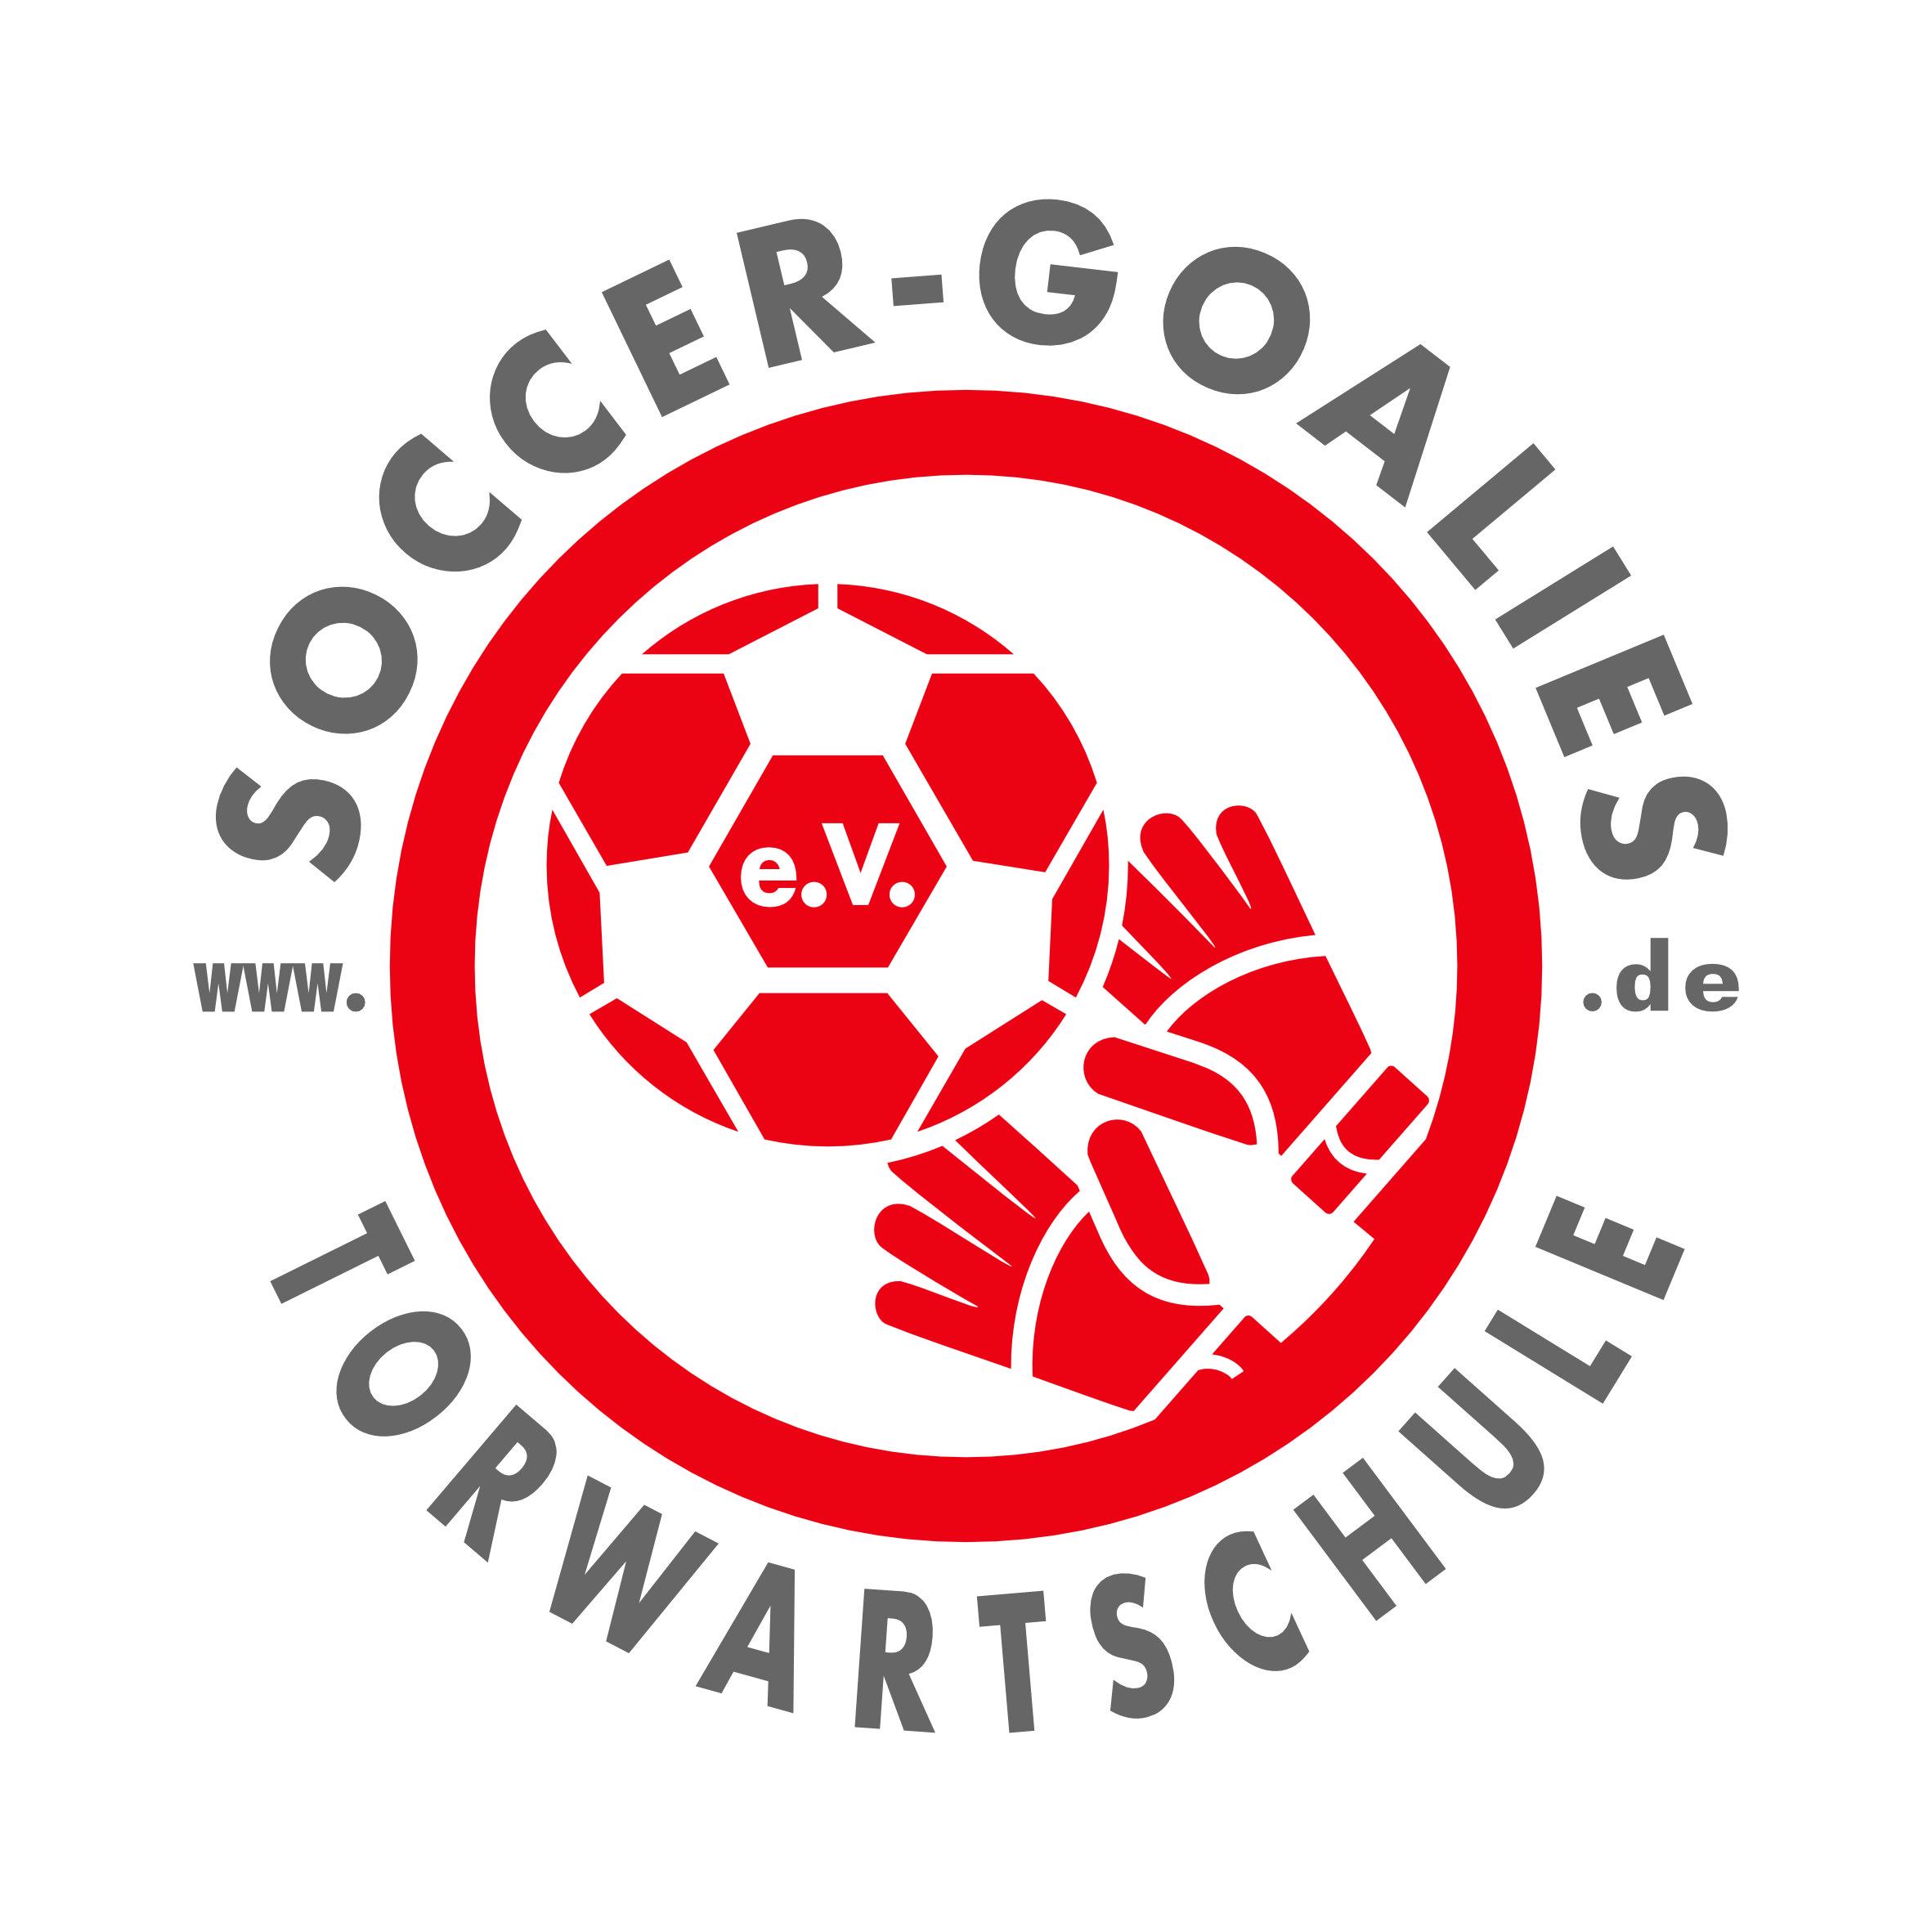 Logo_2021_aufweiss.jpg